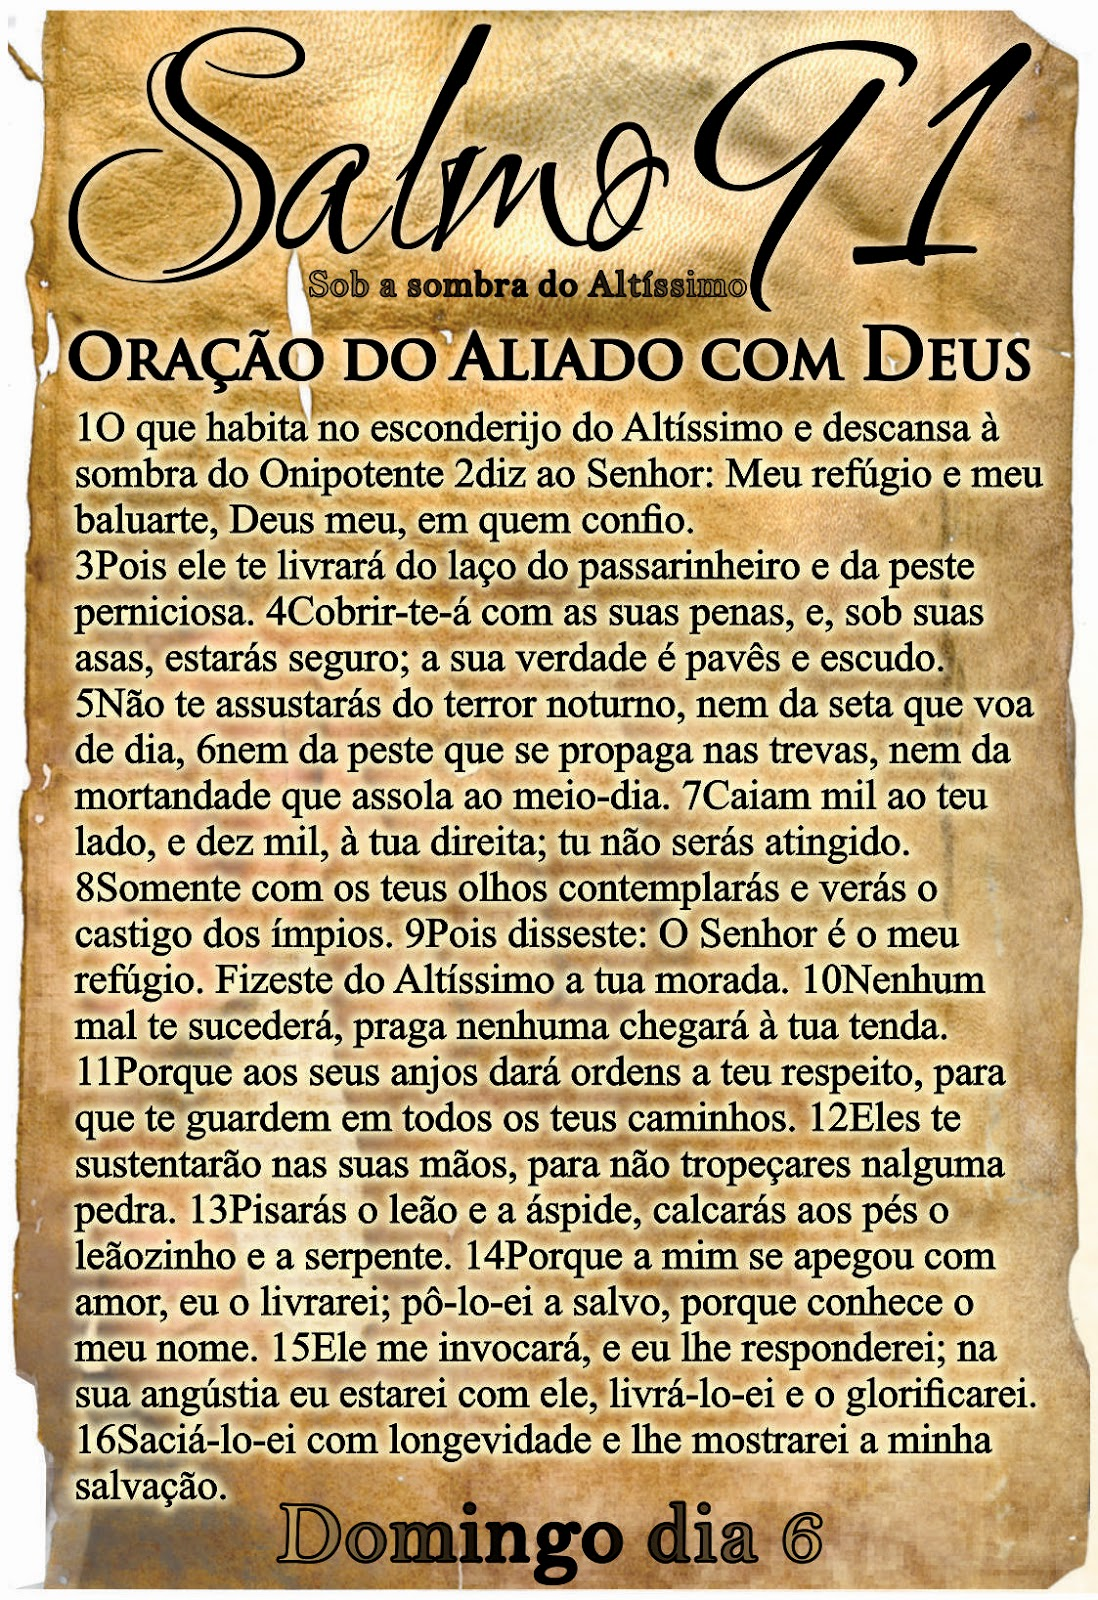 Famosos Homem de Fé: Oração do Aliado com Deus Salmo 91 UR56